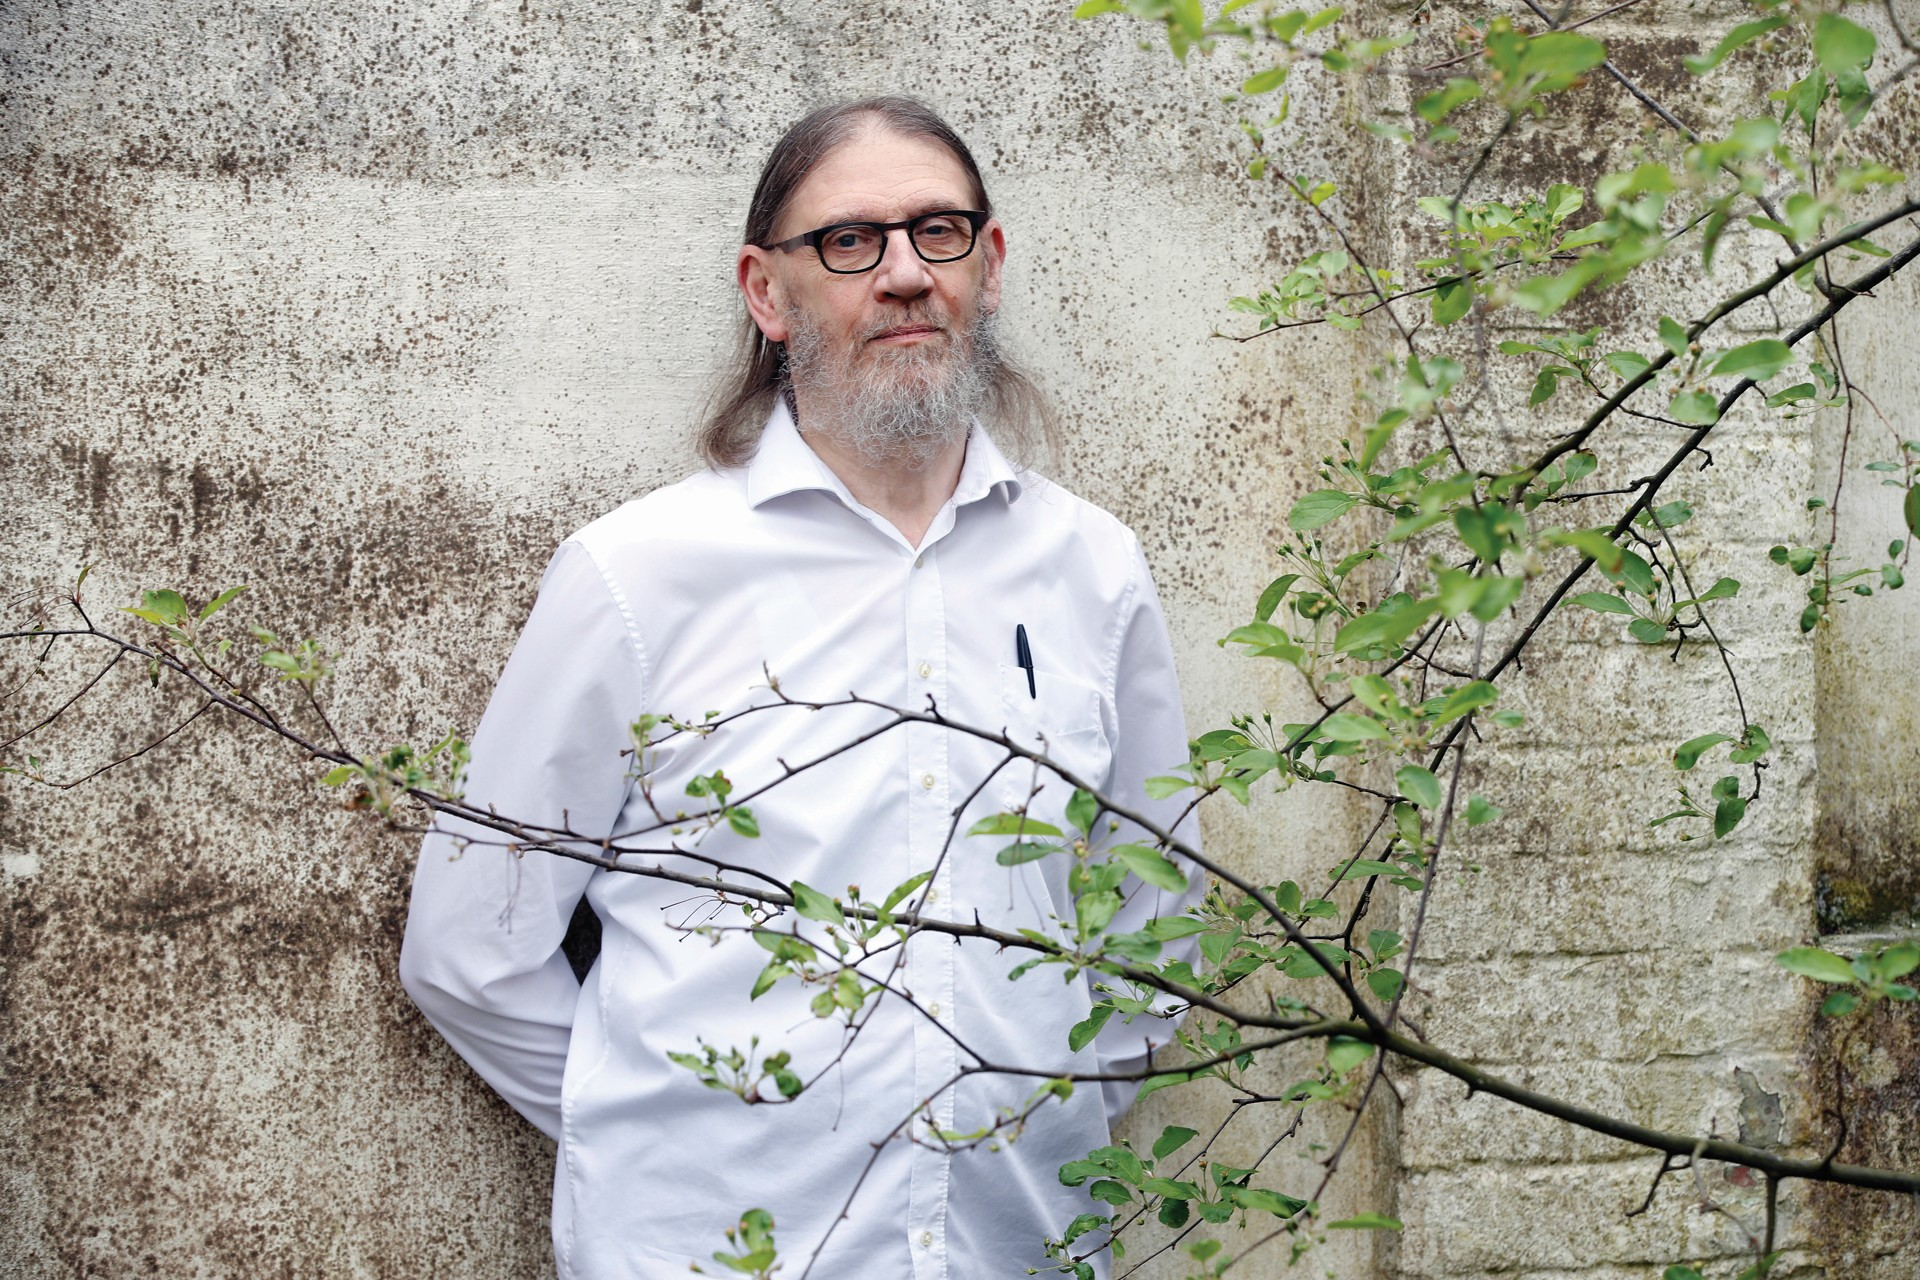 Filosoof Jean Paul Van Bendegem over de gelijkenissen tussen senioren en pubers